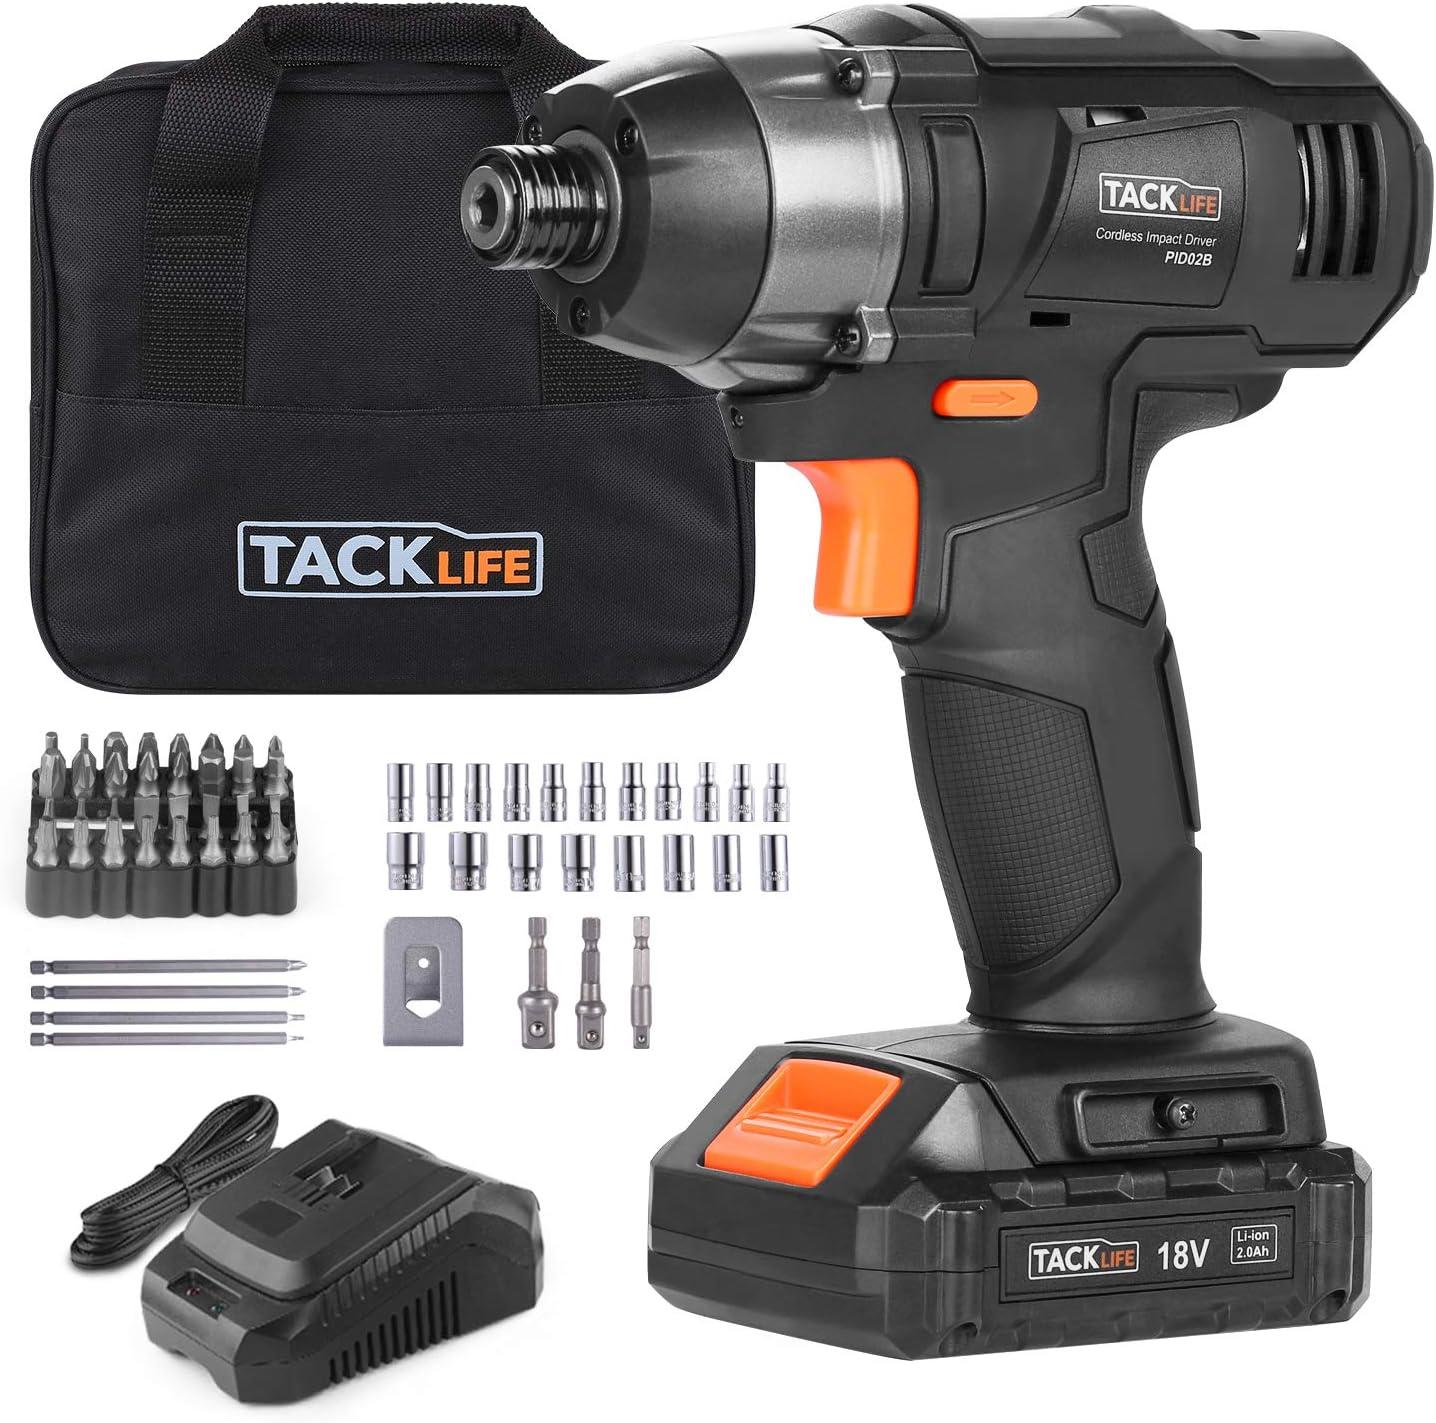 Atornillador de Impacto 18V, TACKLIFE 180 Nm Pistola de Impacto, 2.0Ah, 2800 Velocidad Máxima y 3600 Frecuencia de Impacto, 6.35mm Portabrocas Rápido, 1H Cargador Rápido, PID02B